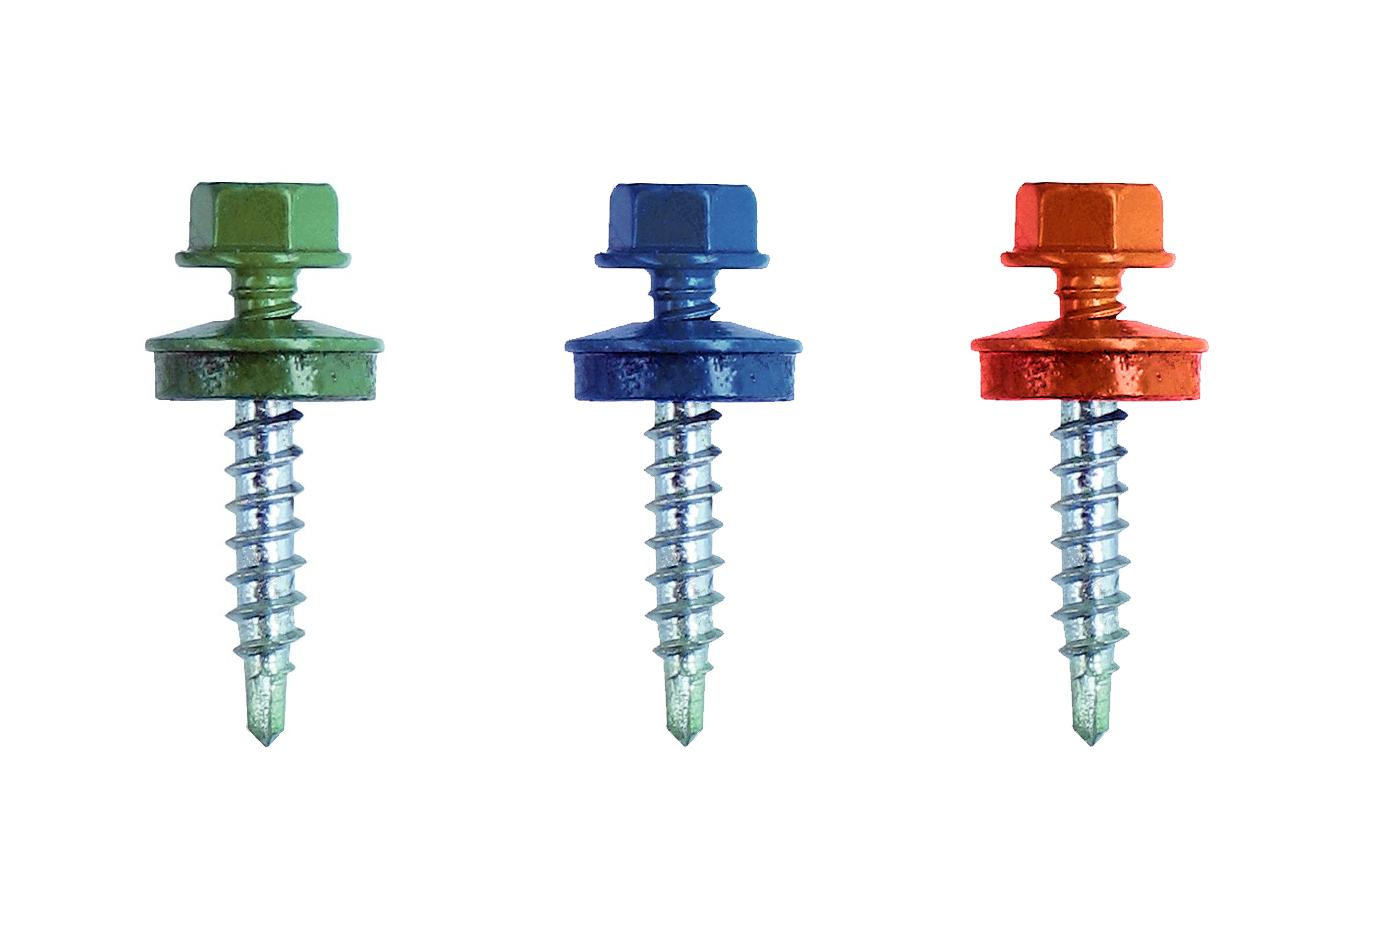 Саморезы для кровли 4.8x35 (6020) зеленый хром